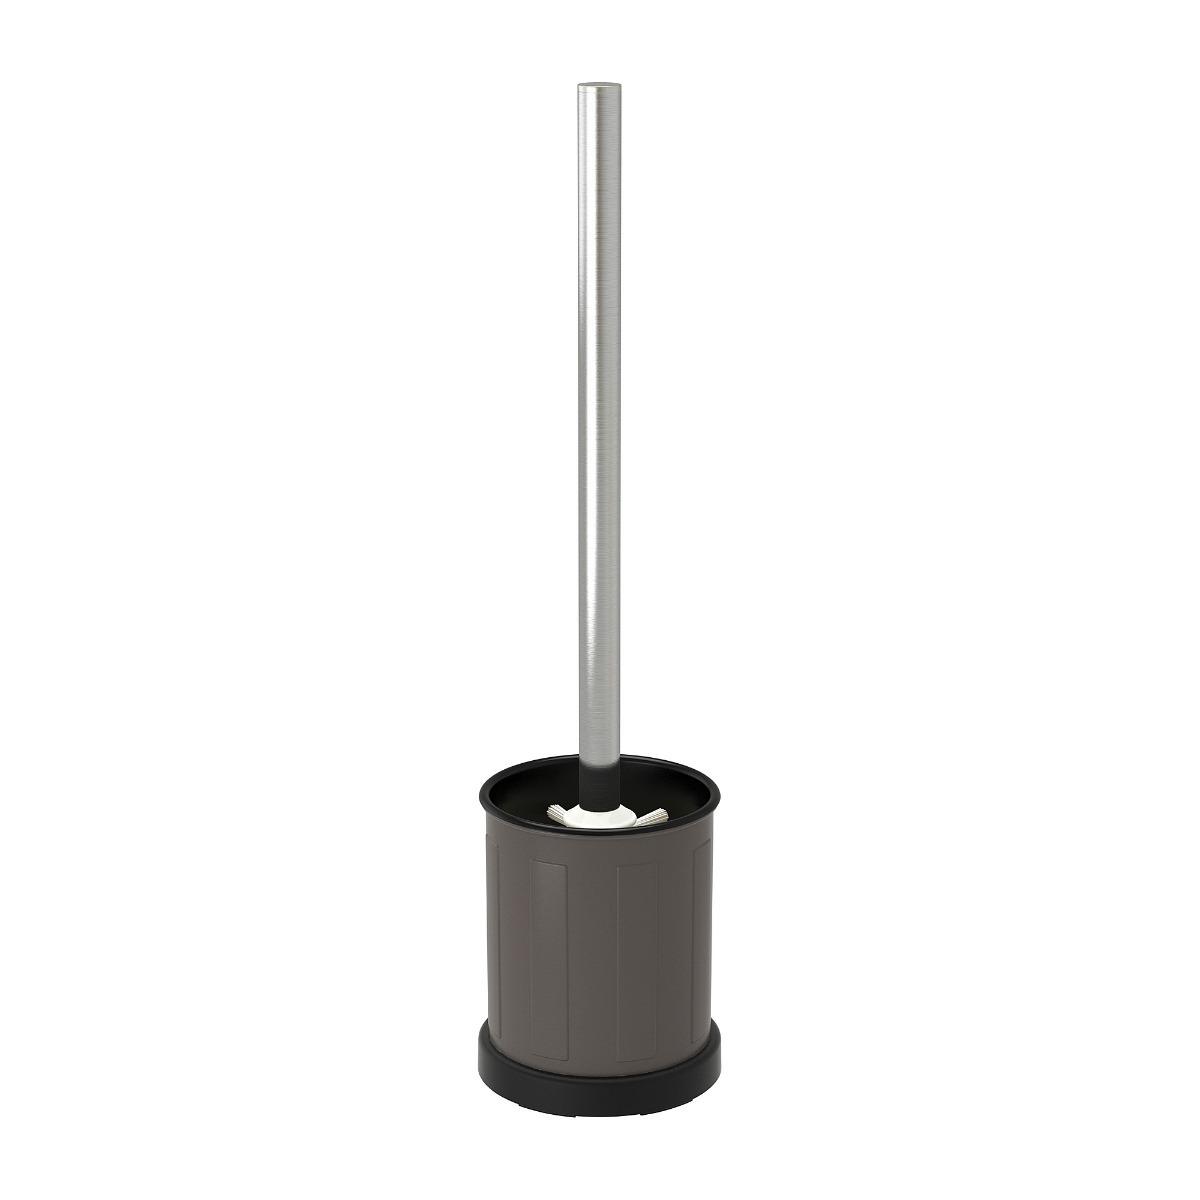 Porta Escobillas Para Baño Ac Inox Toftan Ikea Suecia Gris 2215c901dac1